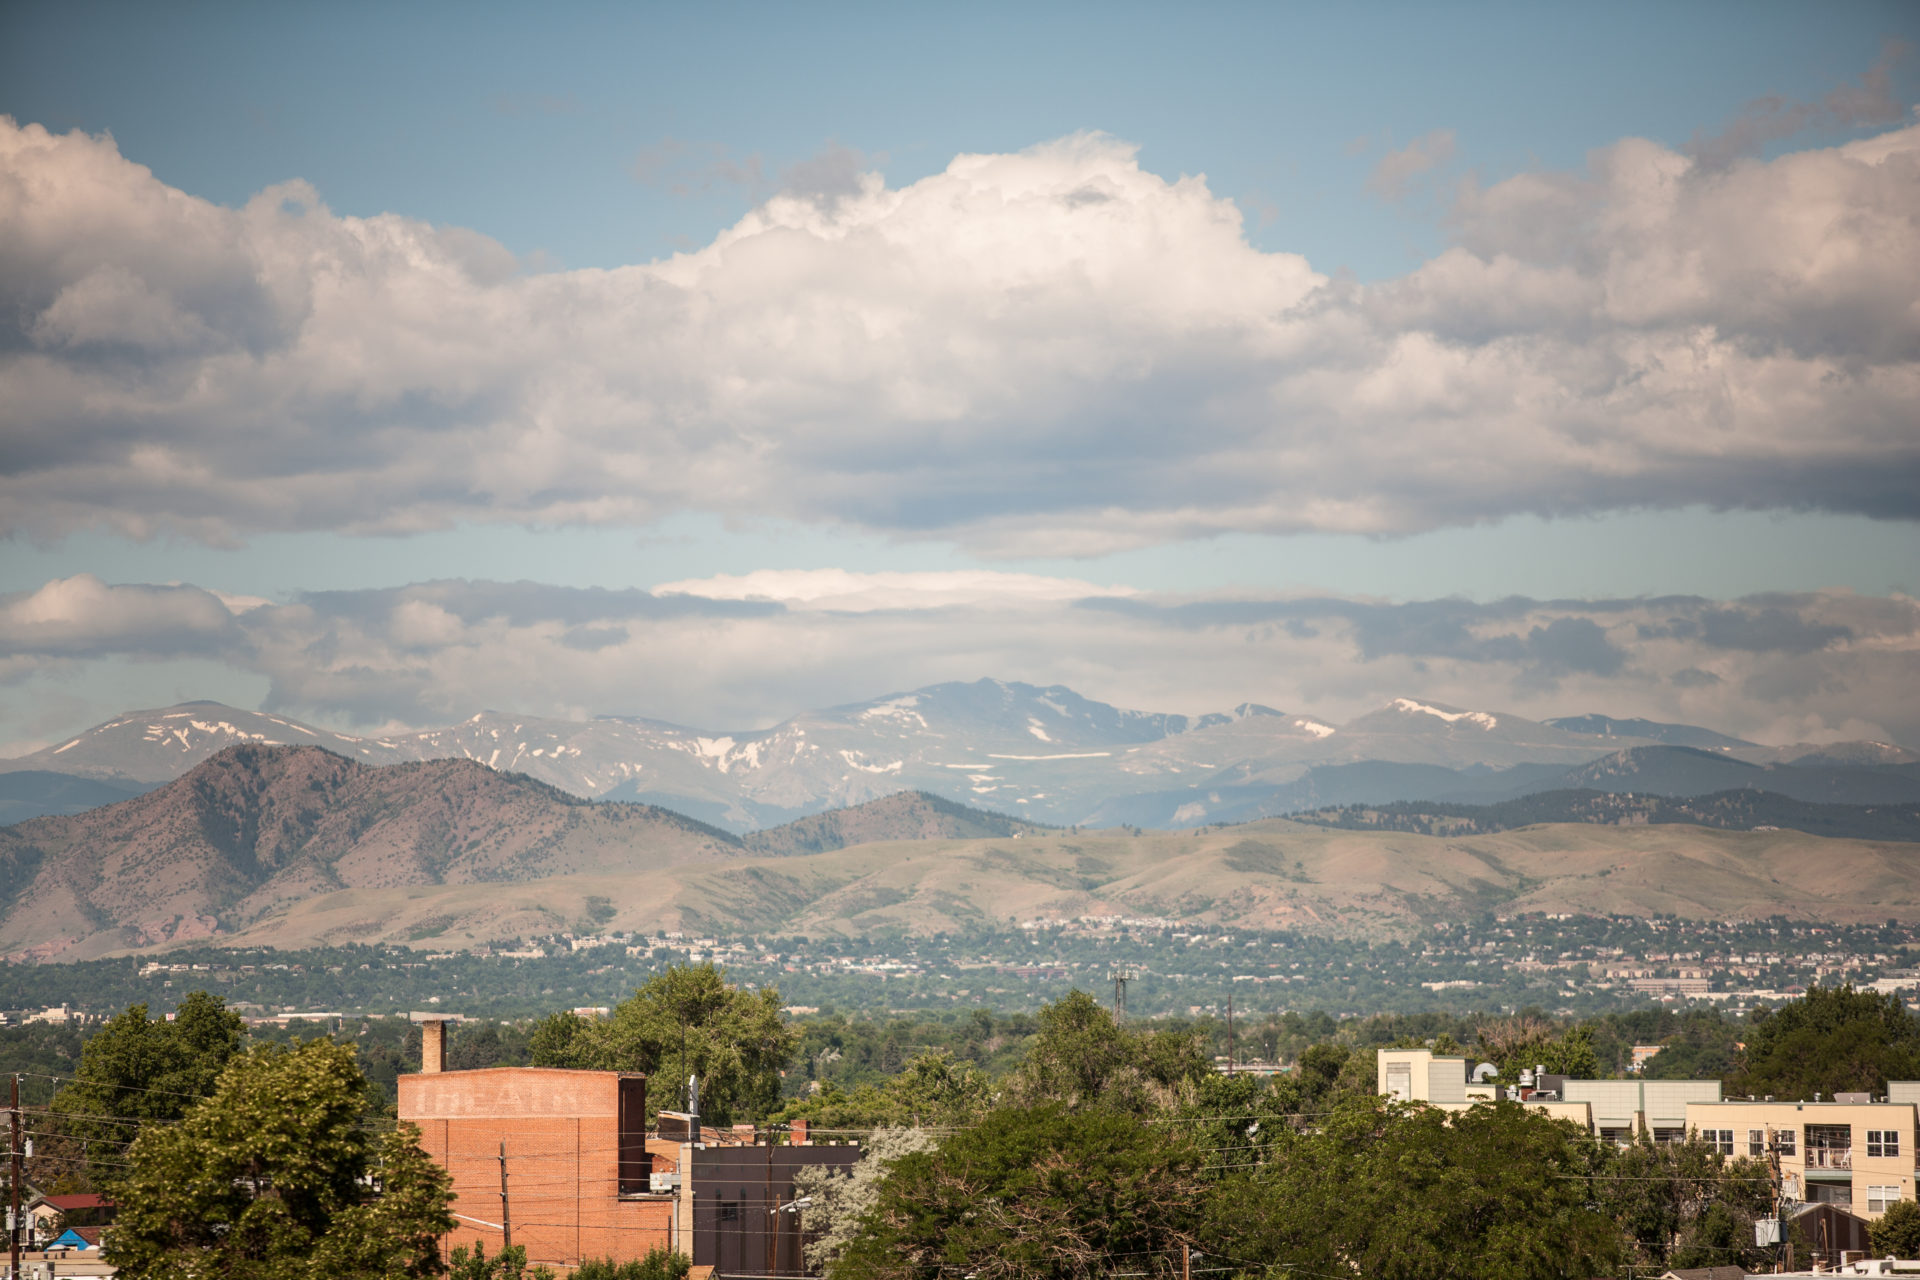 Mount Evans - July 9, 2011